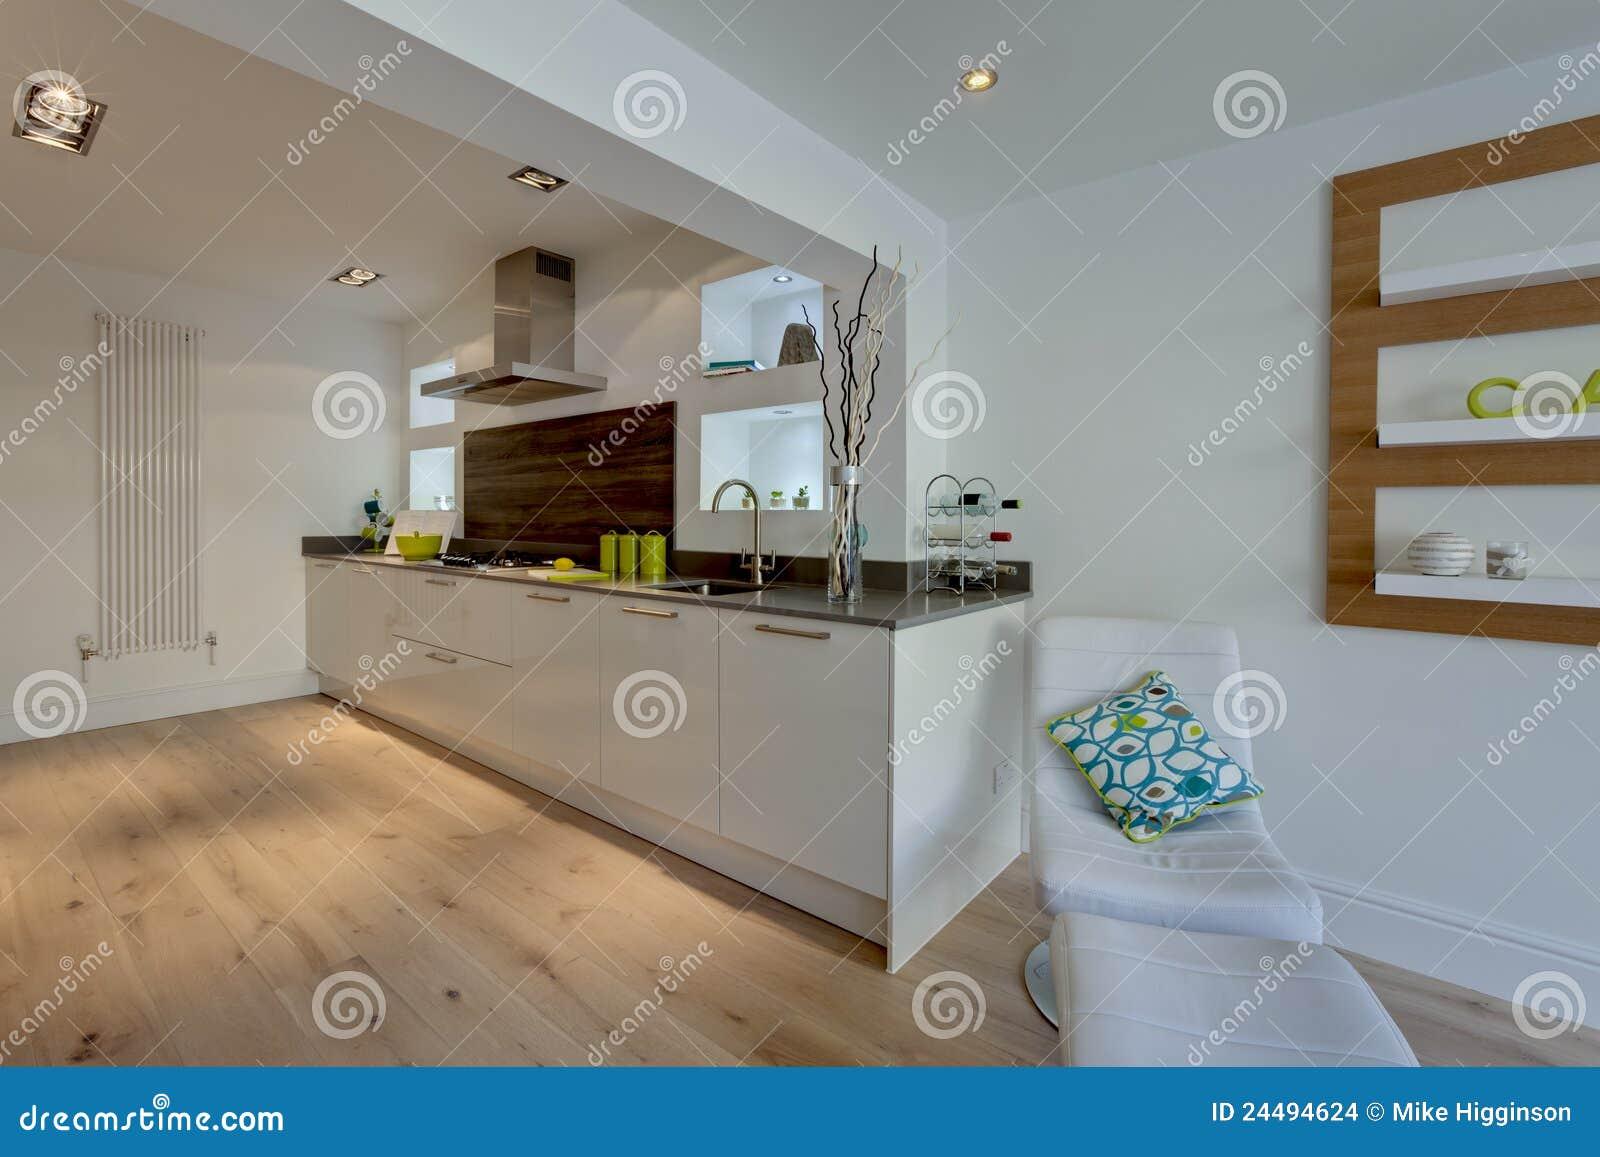 Cuisine Ouverte Moderne De Plan Images stock - Image: 24494624